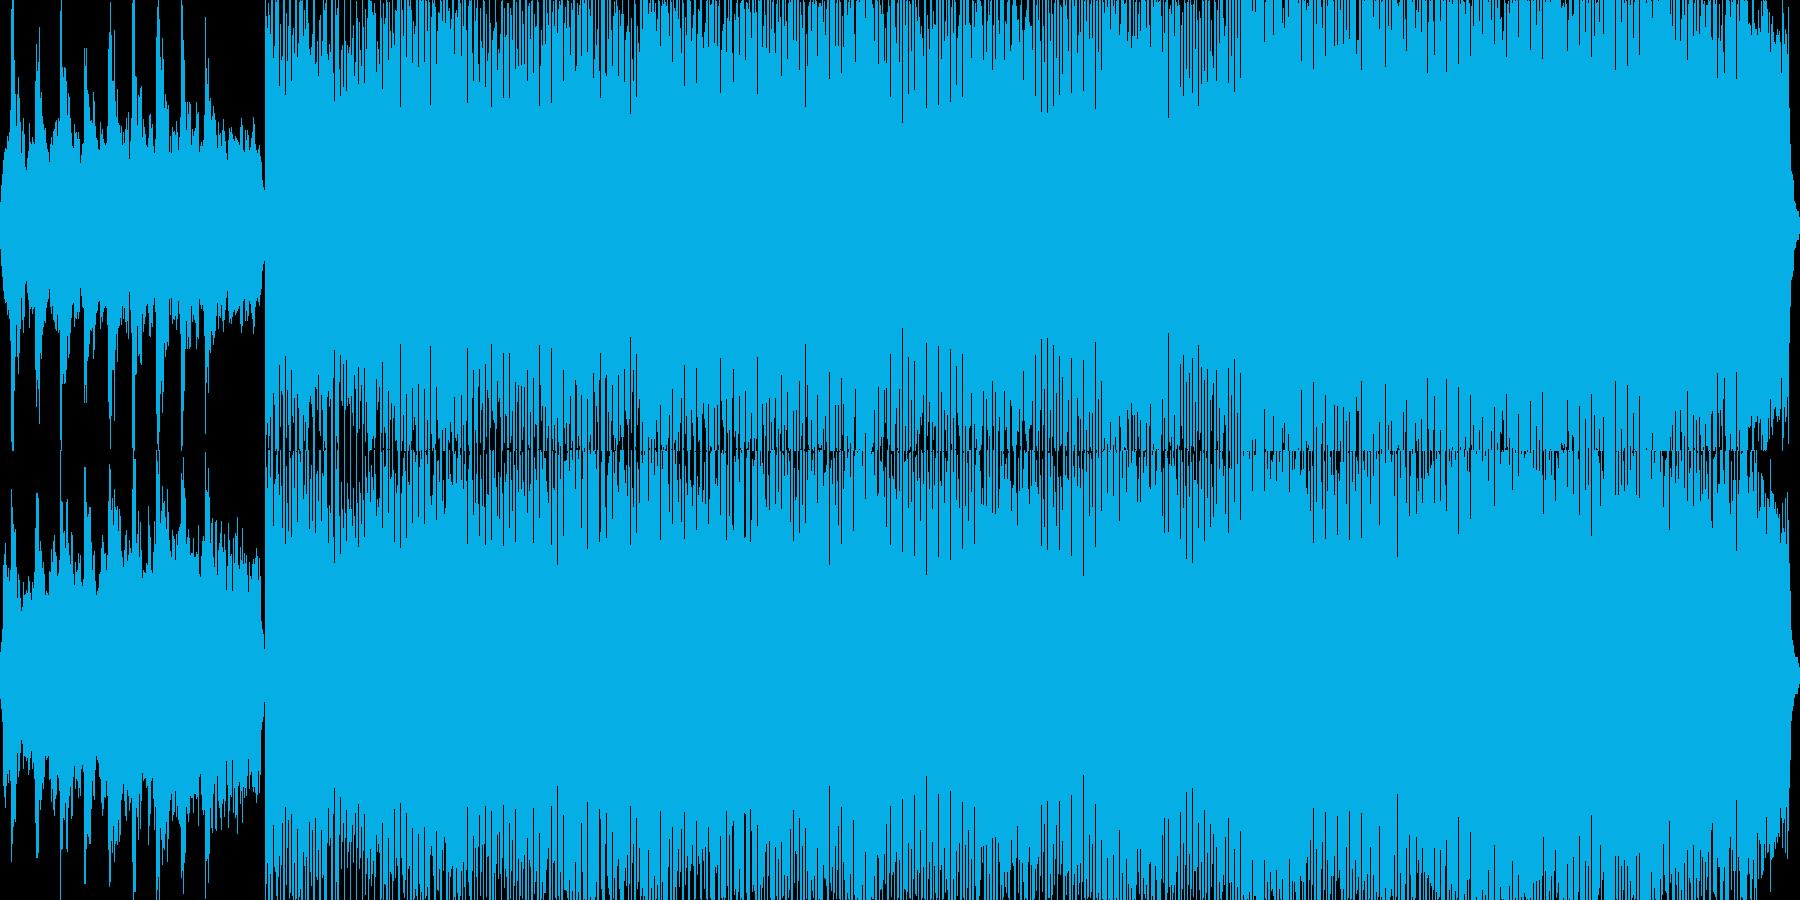 カノン/テクノアレンジの再生済みの波形